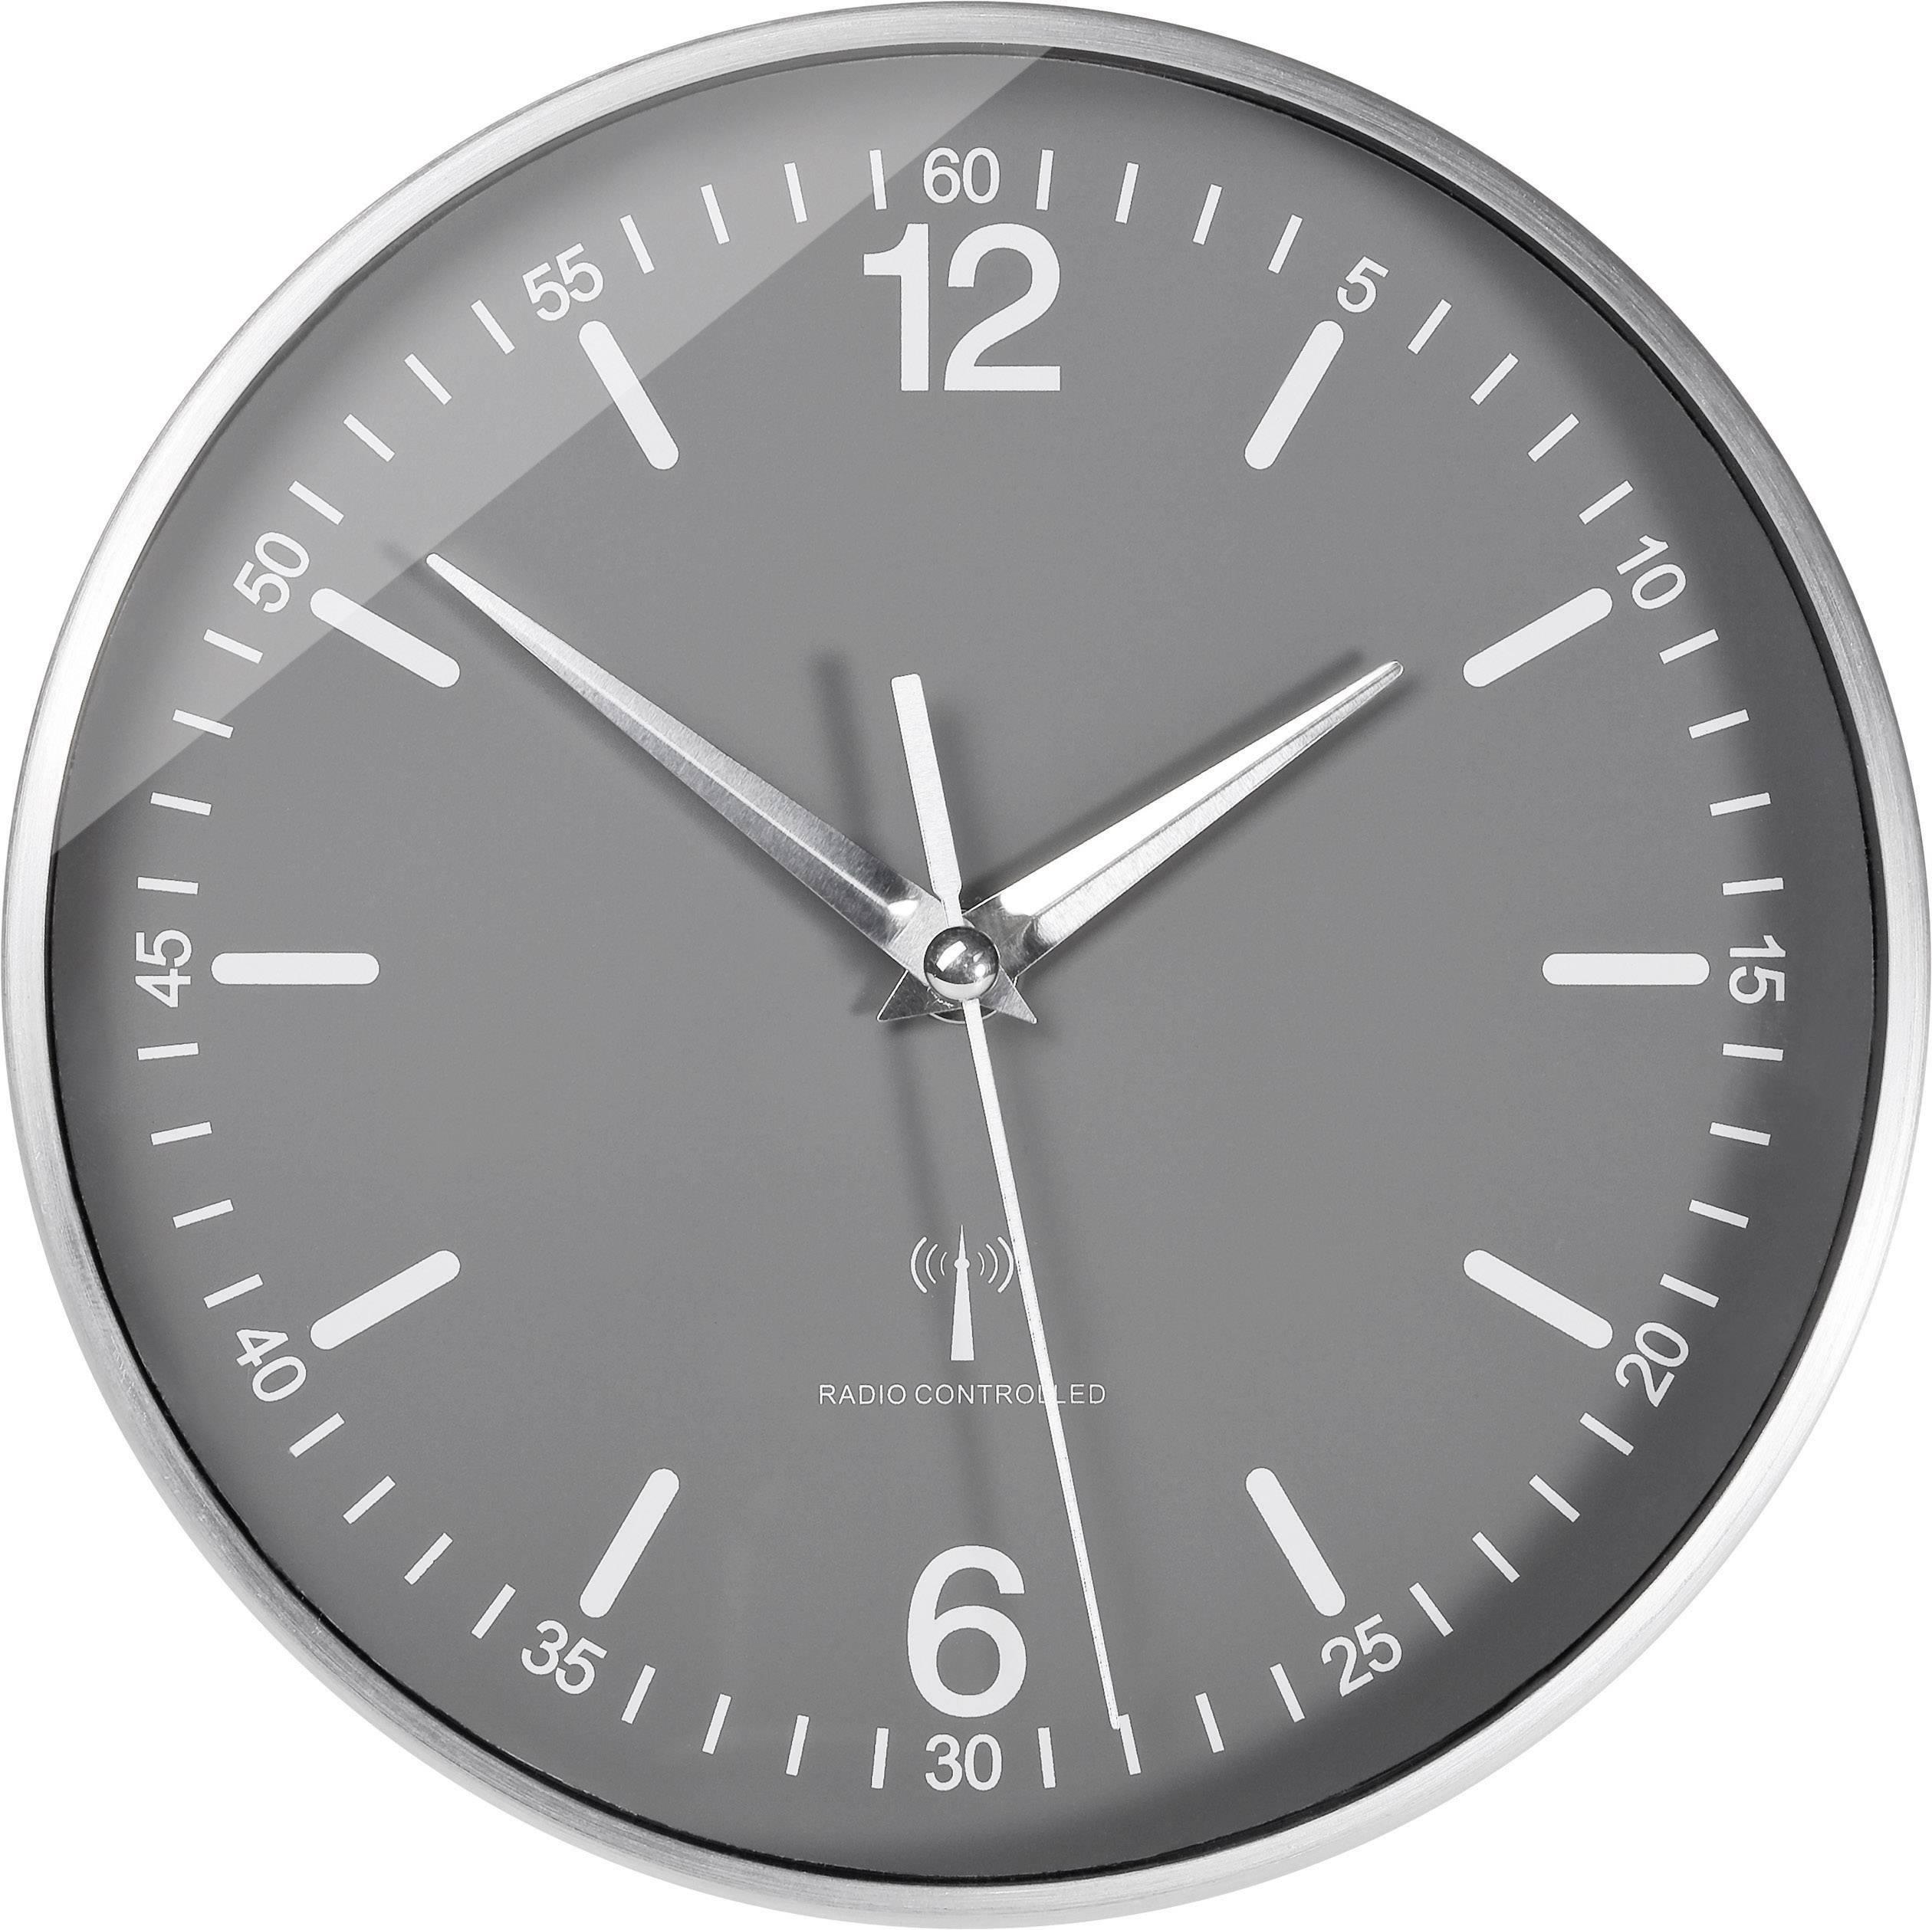 Analógové nástenné DCF hodiny Eurochron, 19.5 cm, hliník